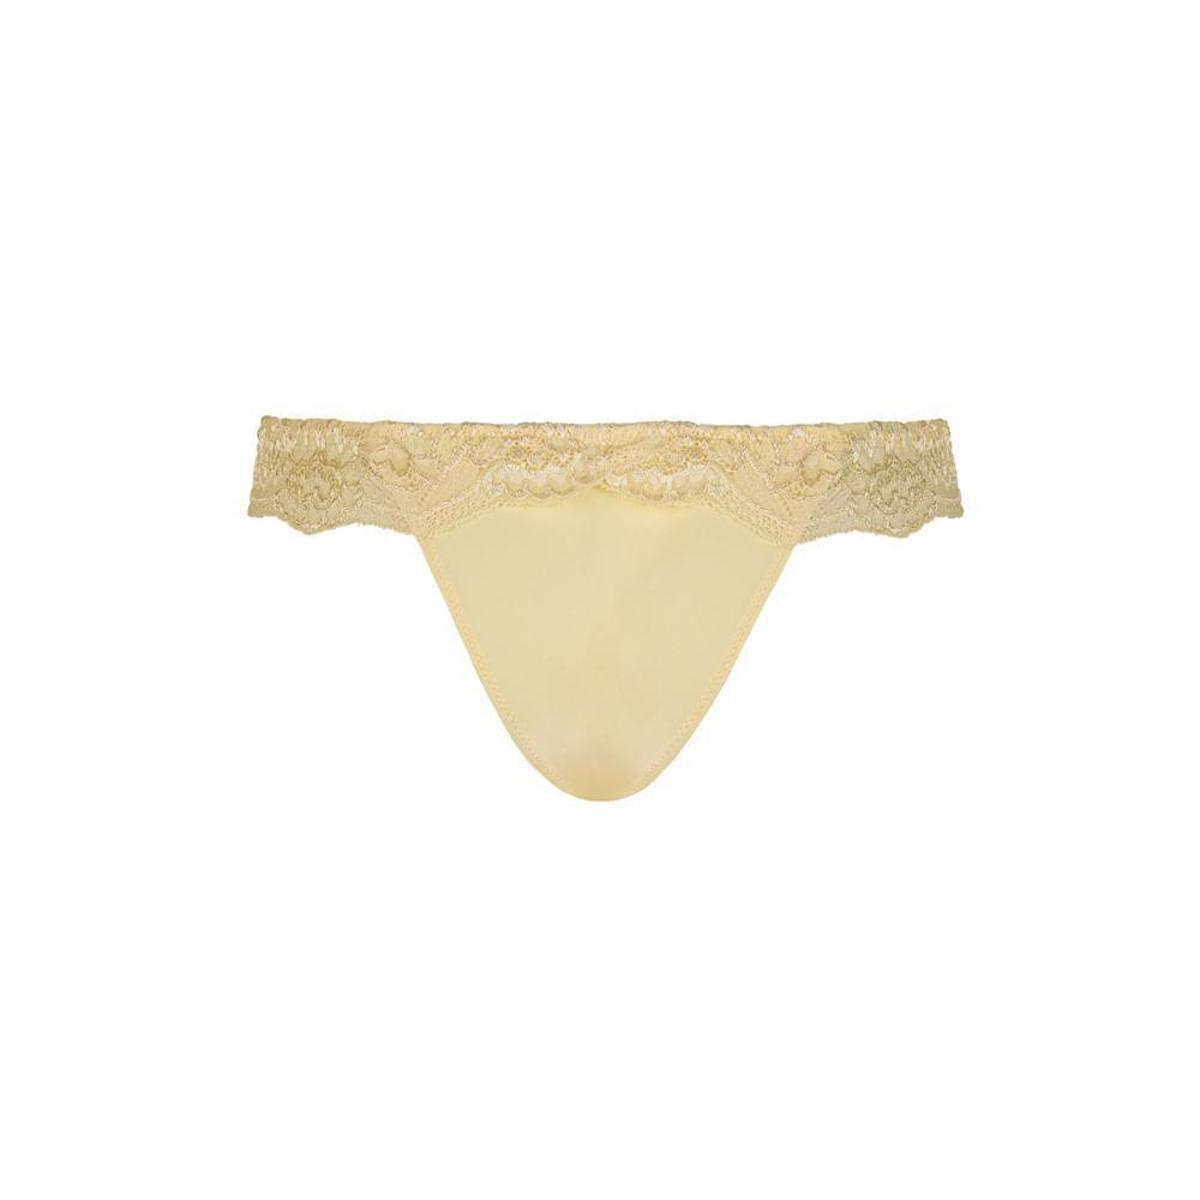 Calcinha Duloren Tanga Com Renda - Amarelo - Compre Agora  2dc6fe836de